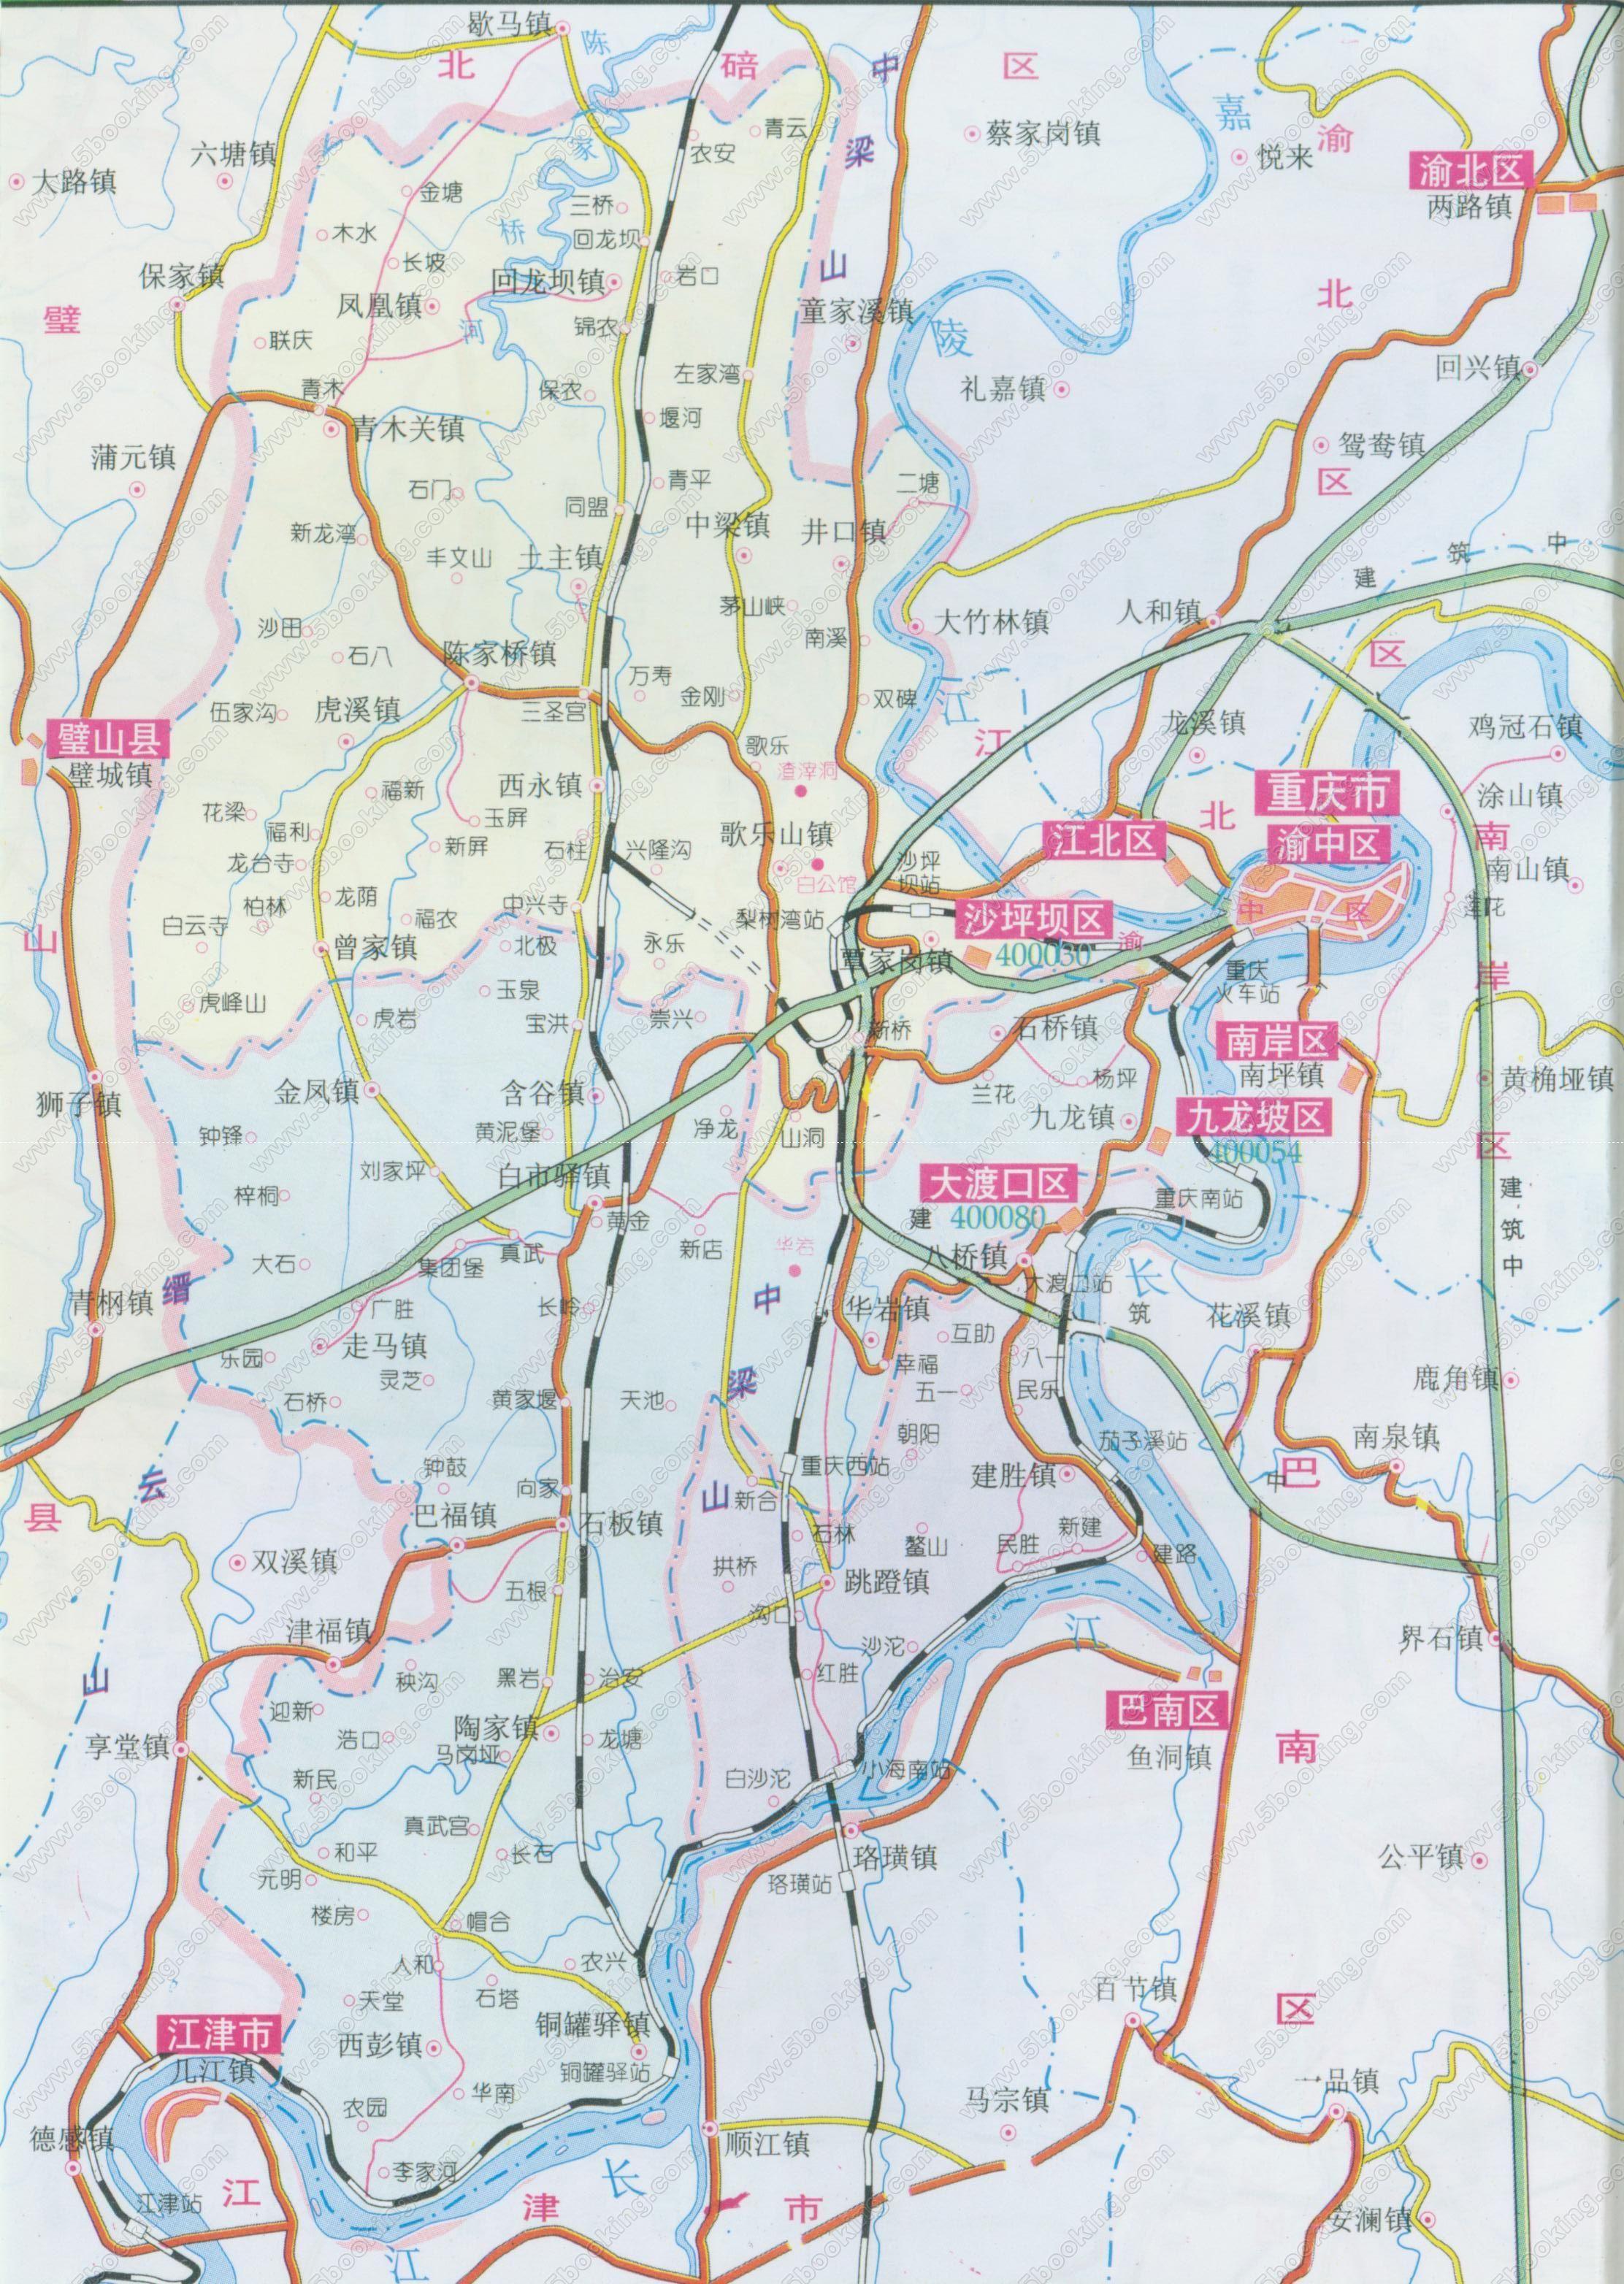 重庆主城地图_重庆主城区地图全图